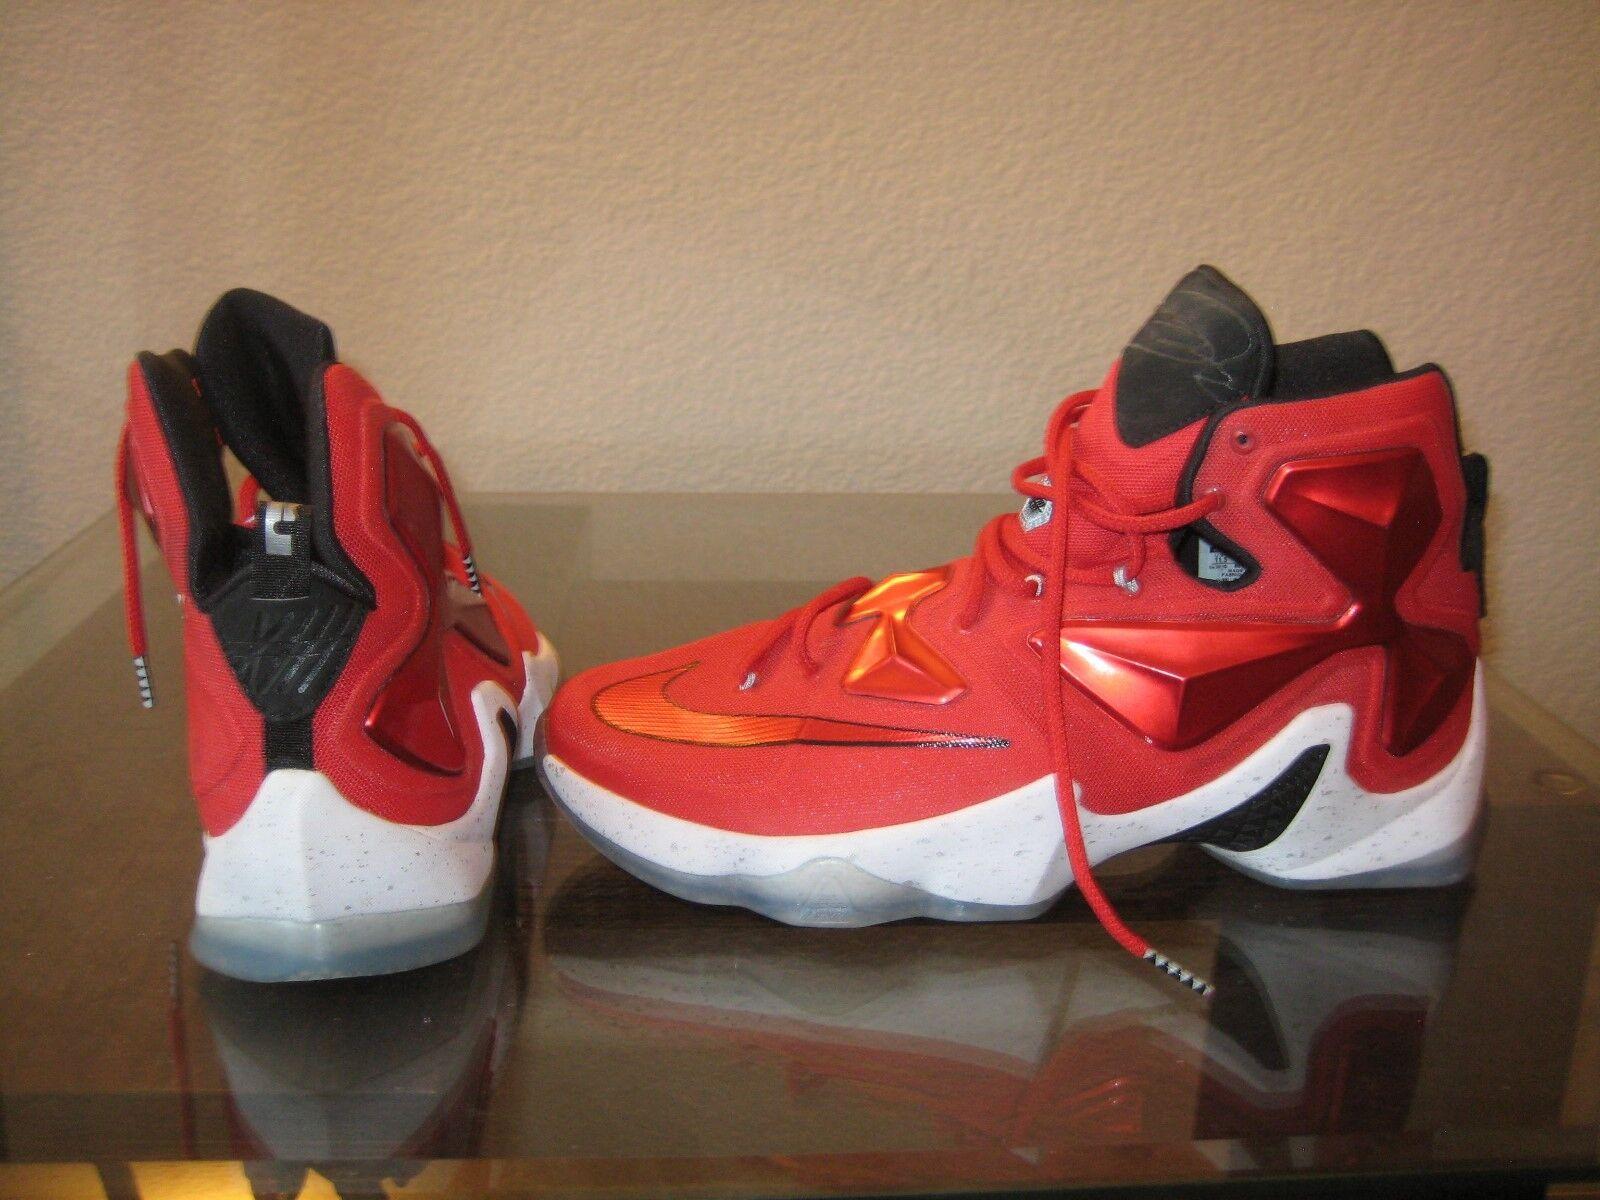 IRON MAN Nike LeBron XIII 'On Court